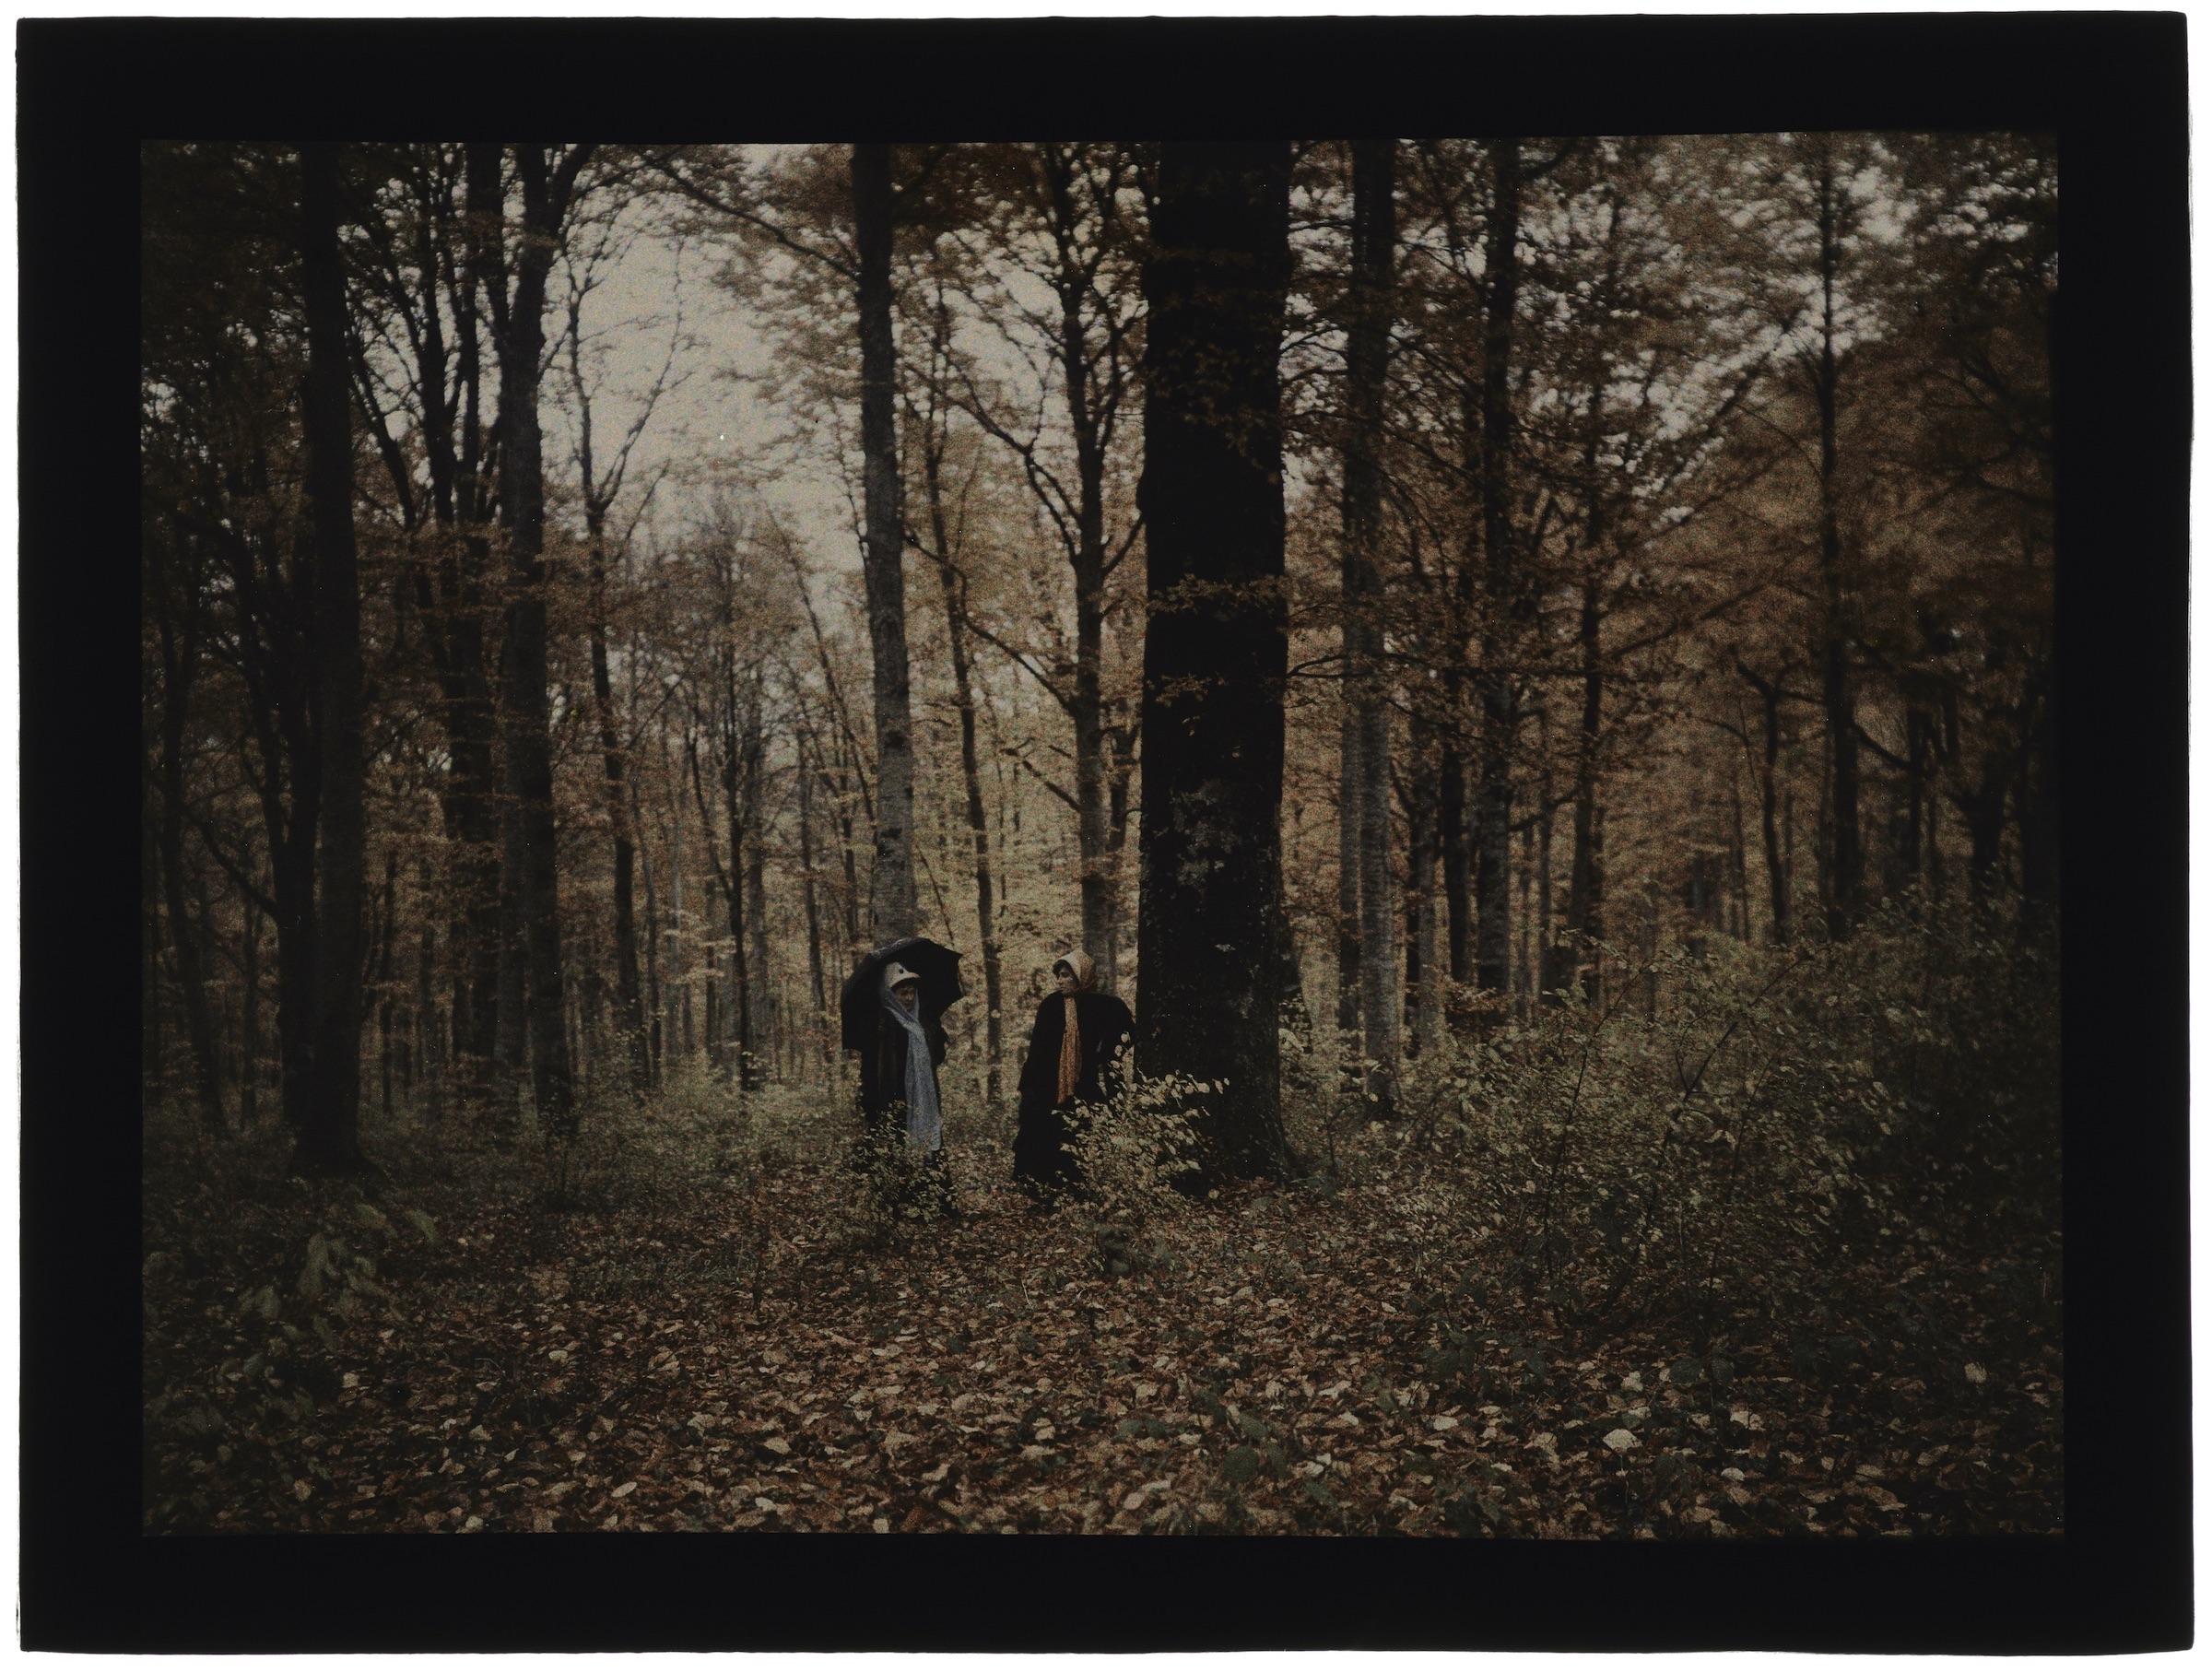 Deux femmes en forêt